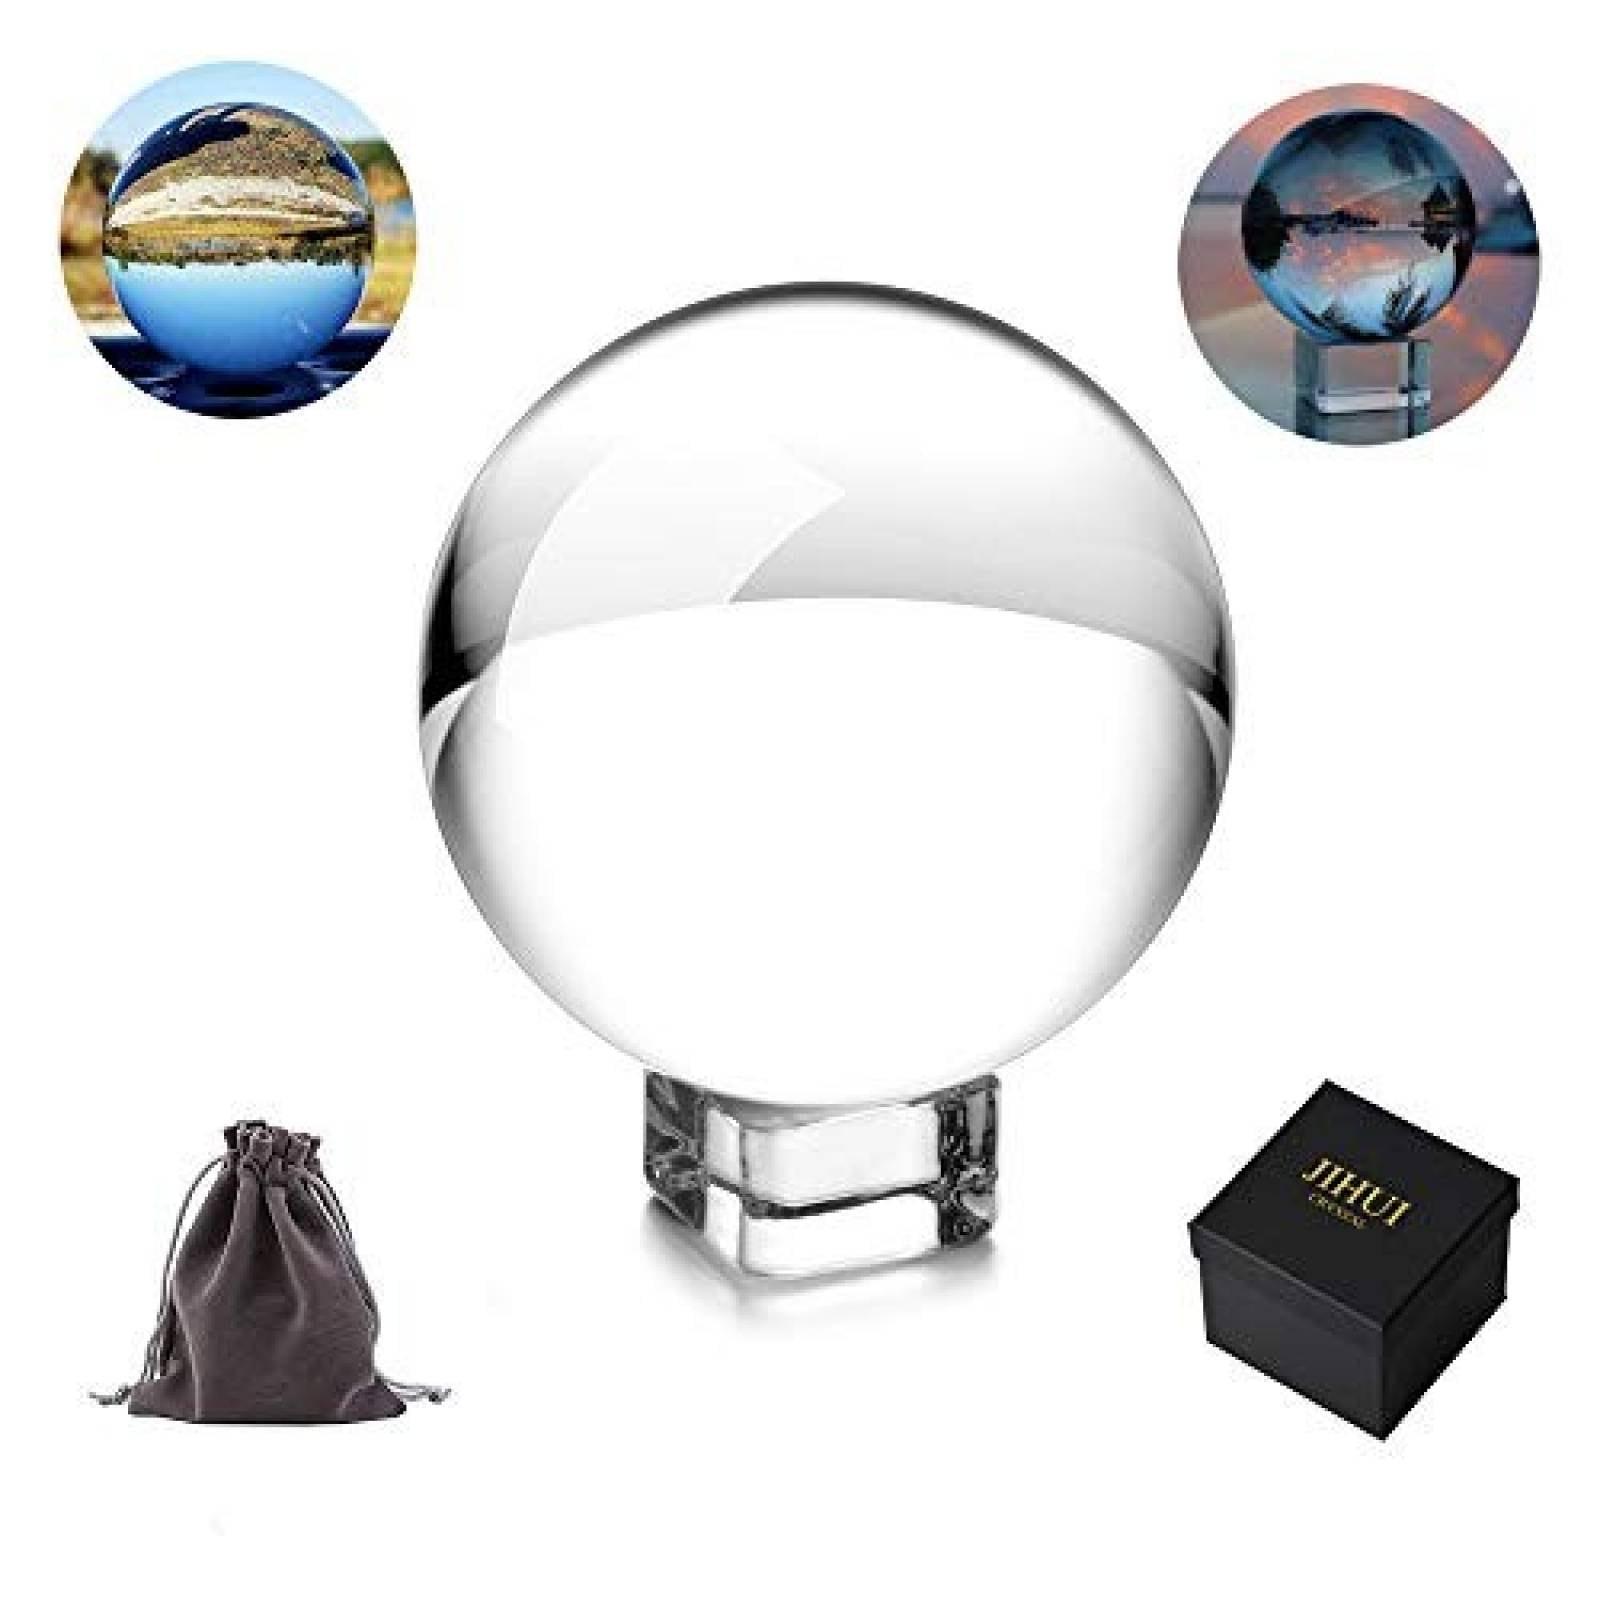 Esfera de cristal JIHUI 2.36 pulgadas -Transparente